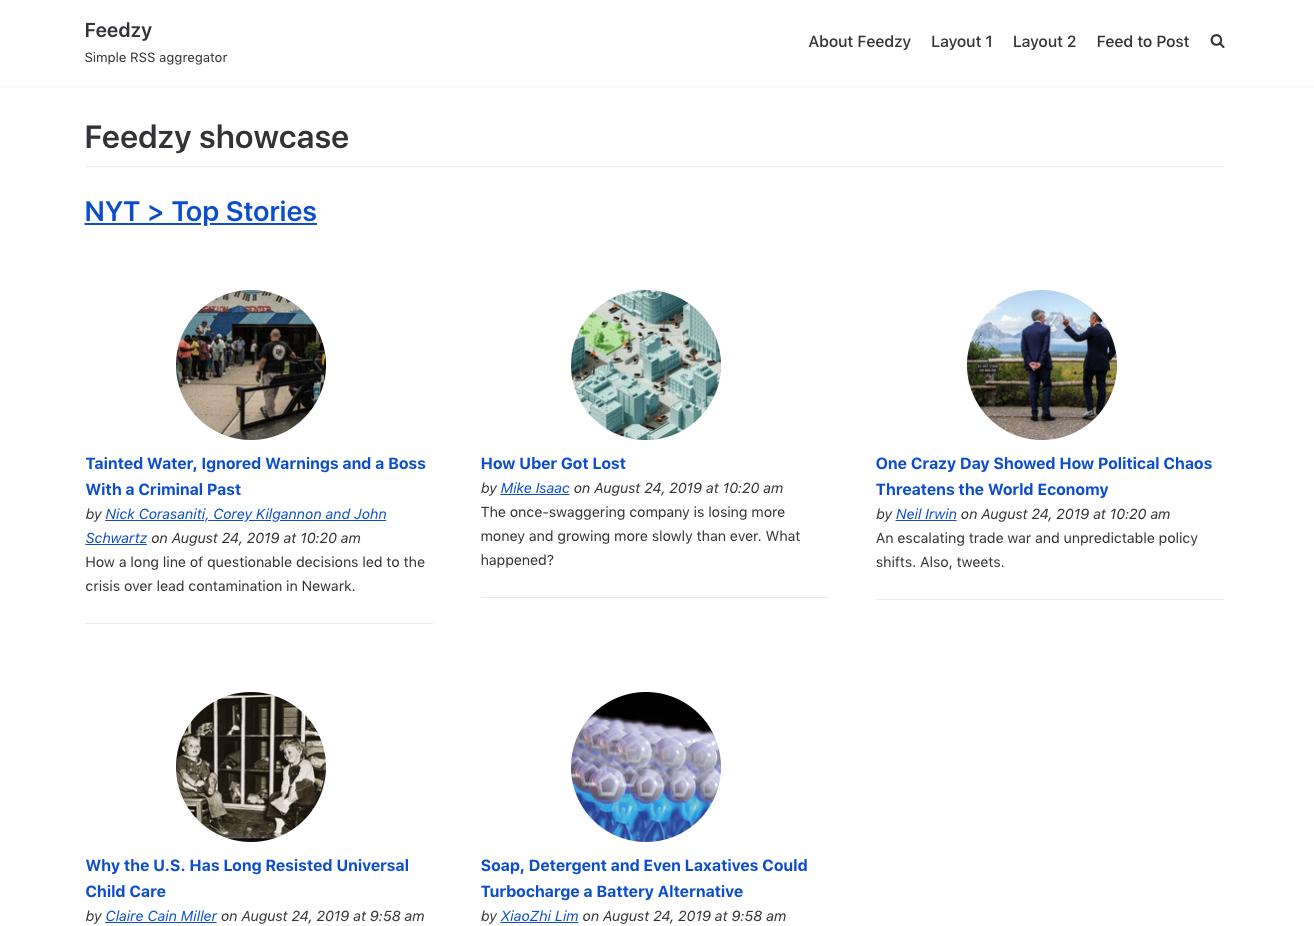 Feedzy RSS- Plantilla de parrilla de 3 columnas con imágenes circulares.